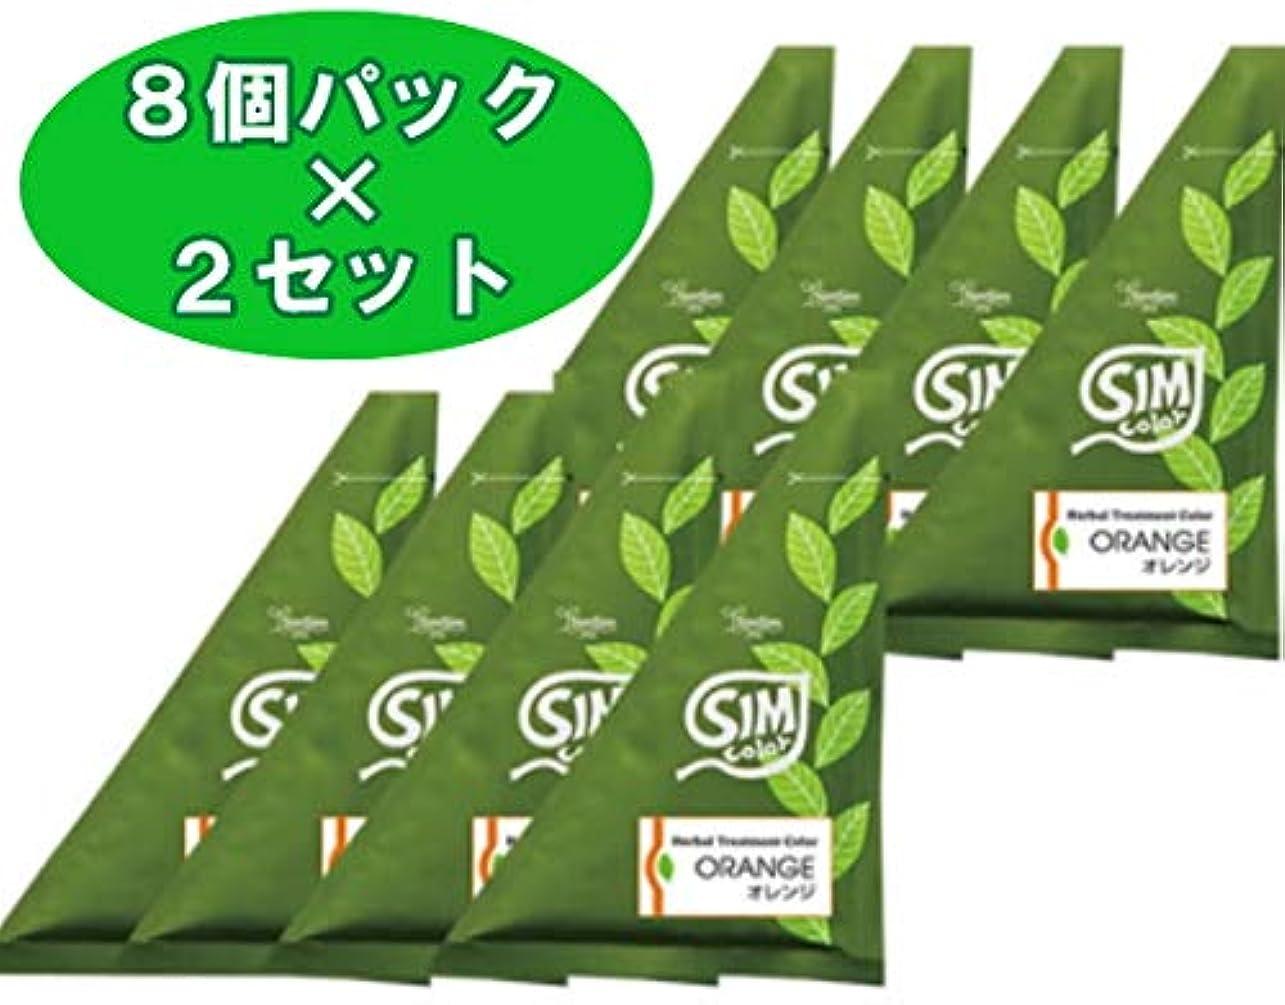 レバーチキンステップ【 2セット 】SimSim(シムシム)お手軽簡単シムカラーエクストラ(EX)25g 8袋X2セット (ブラウン)